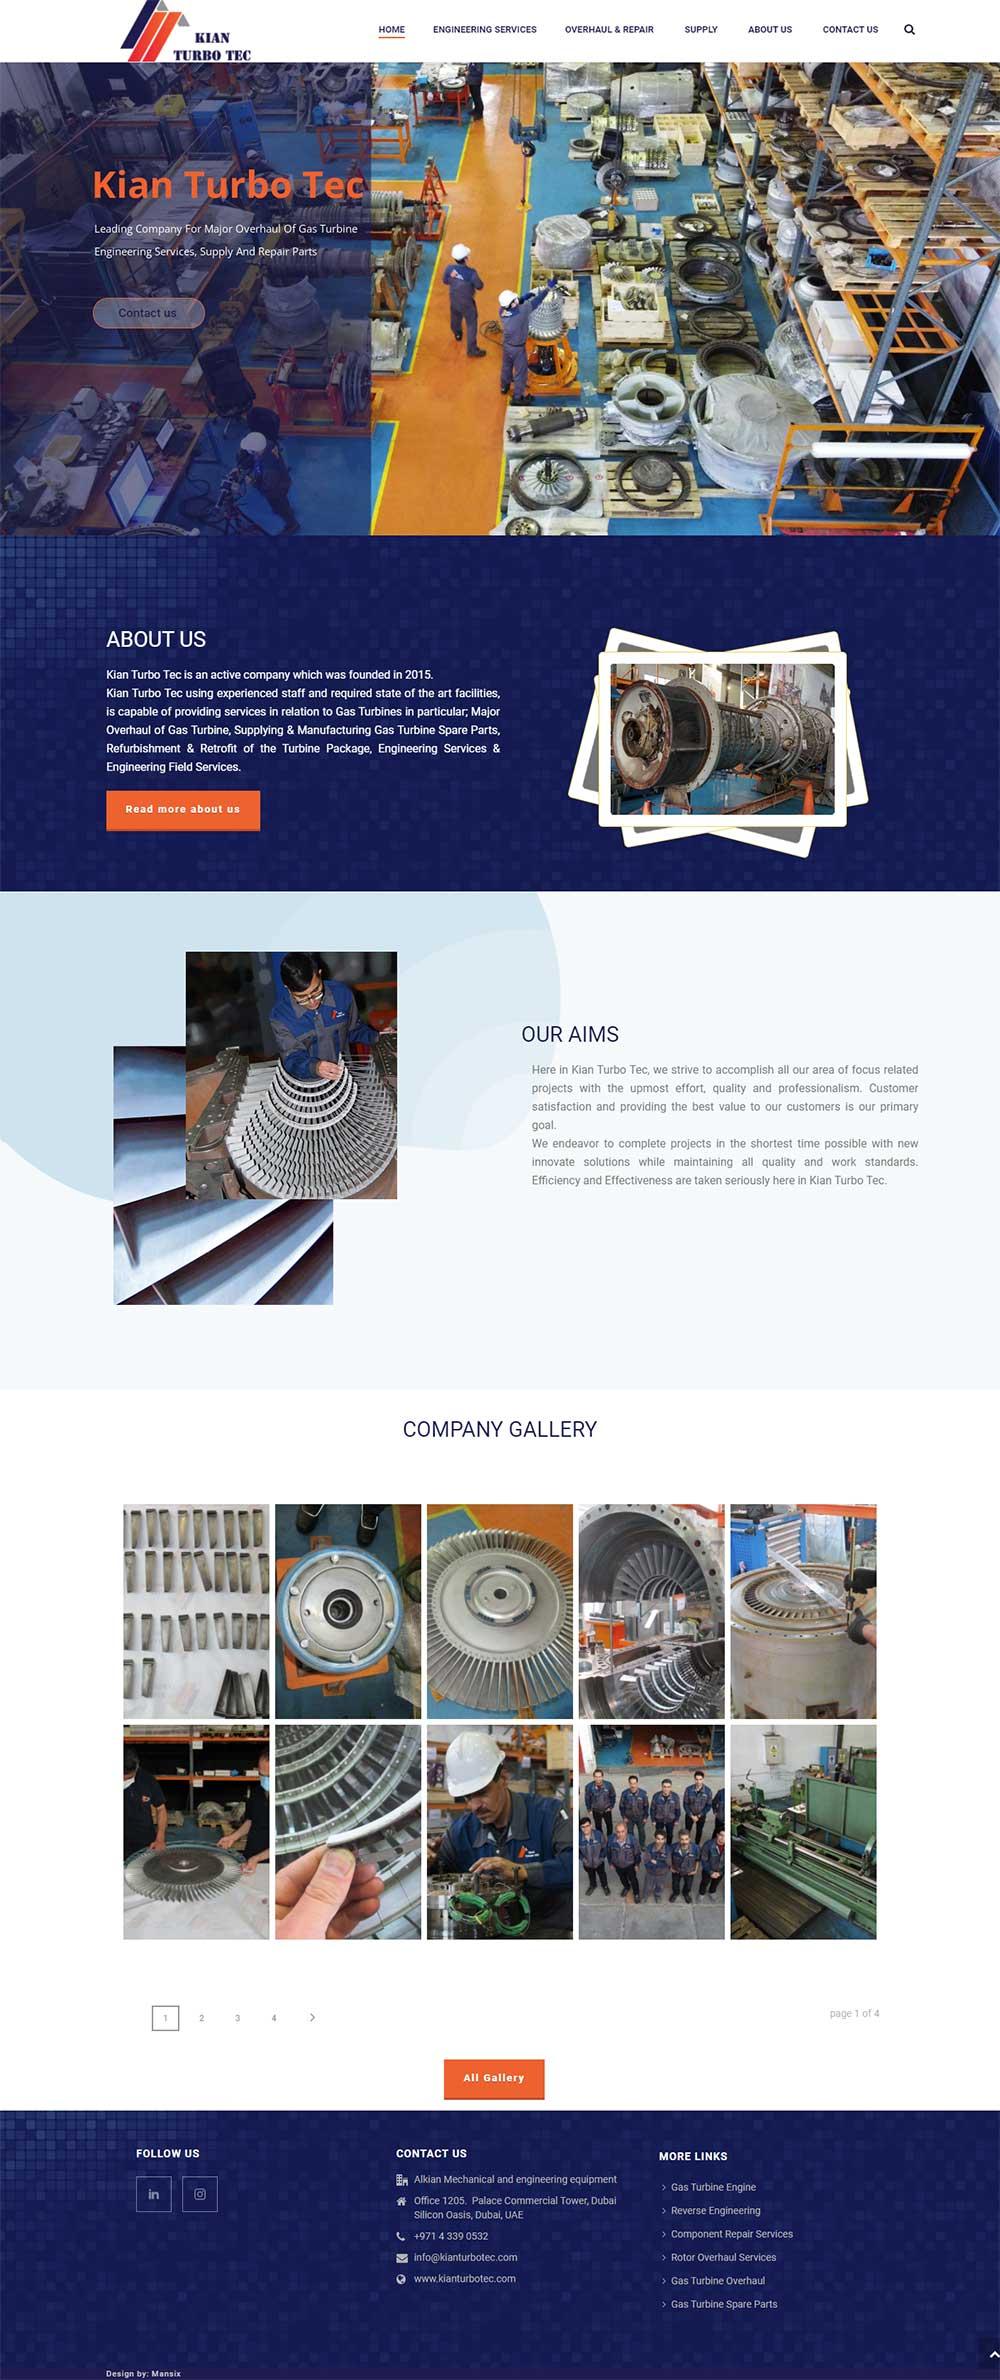 طراحی سایت صنعتی در دبی